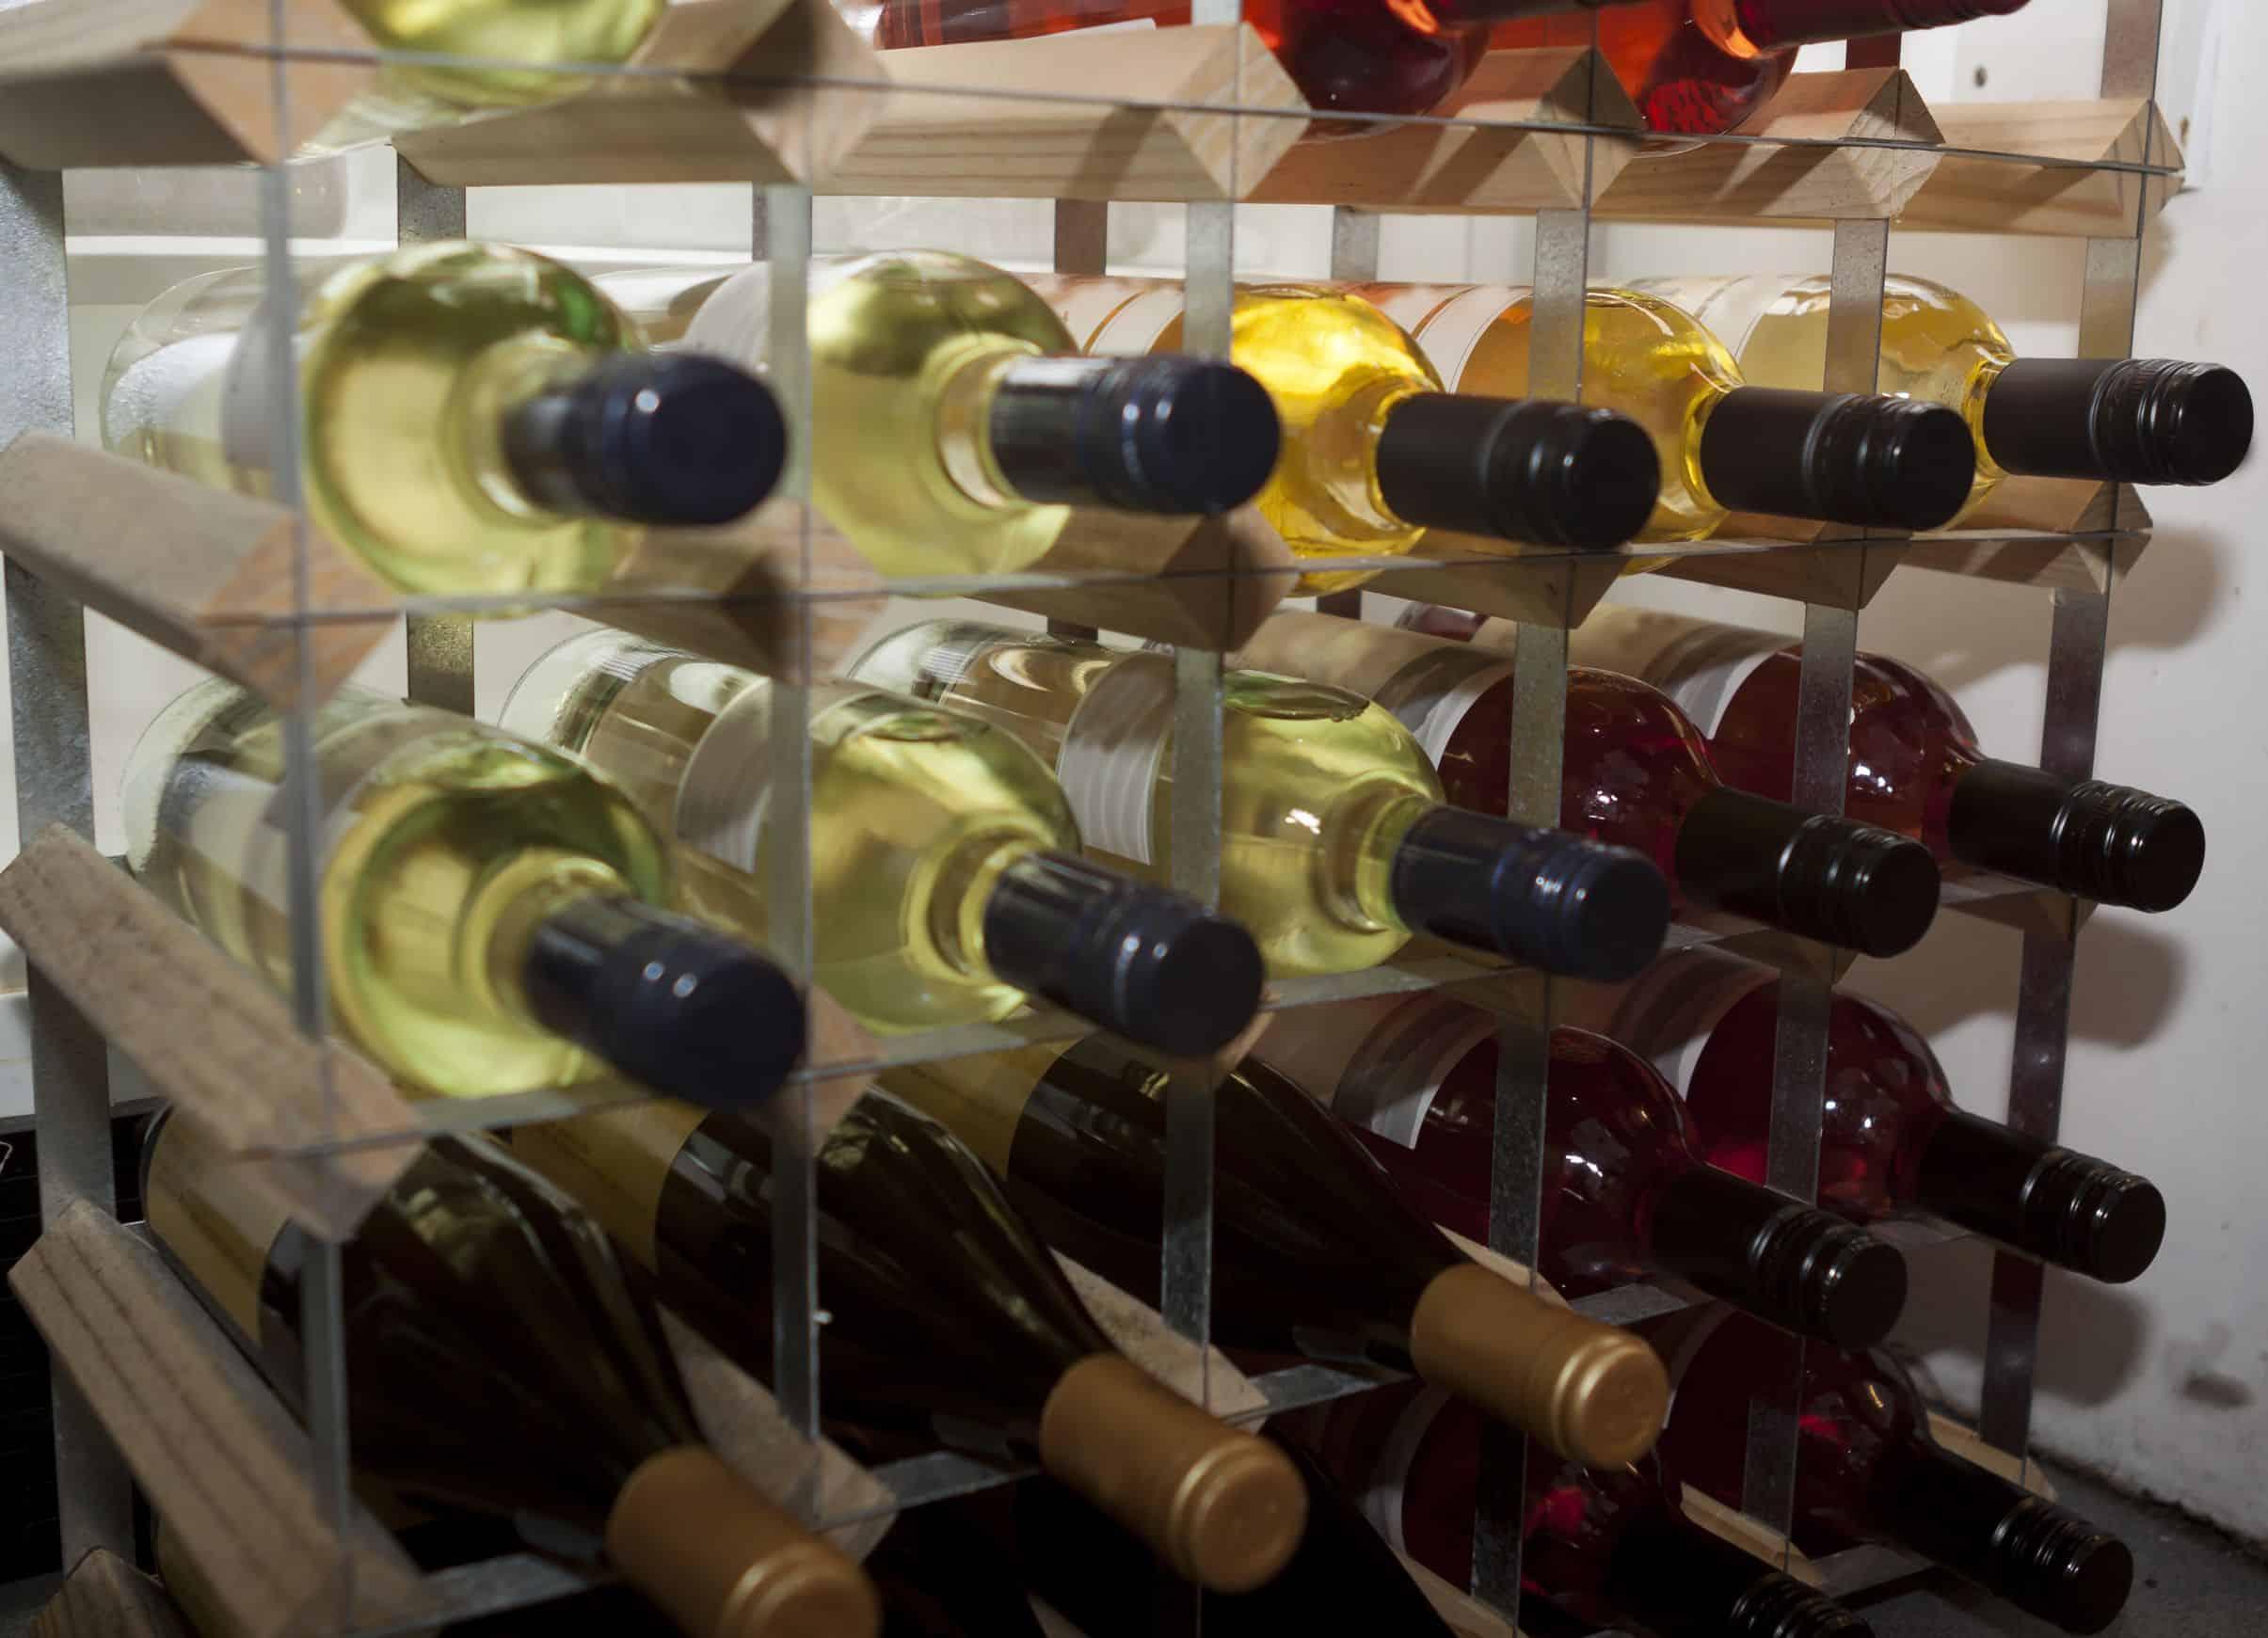 Adega com vinhos em close